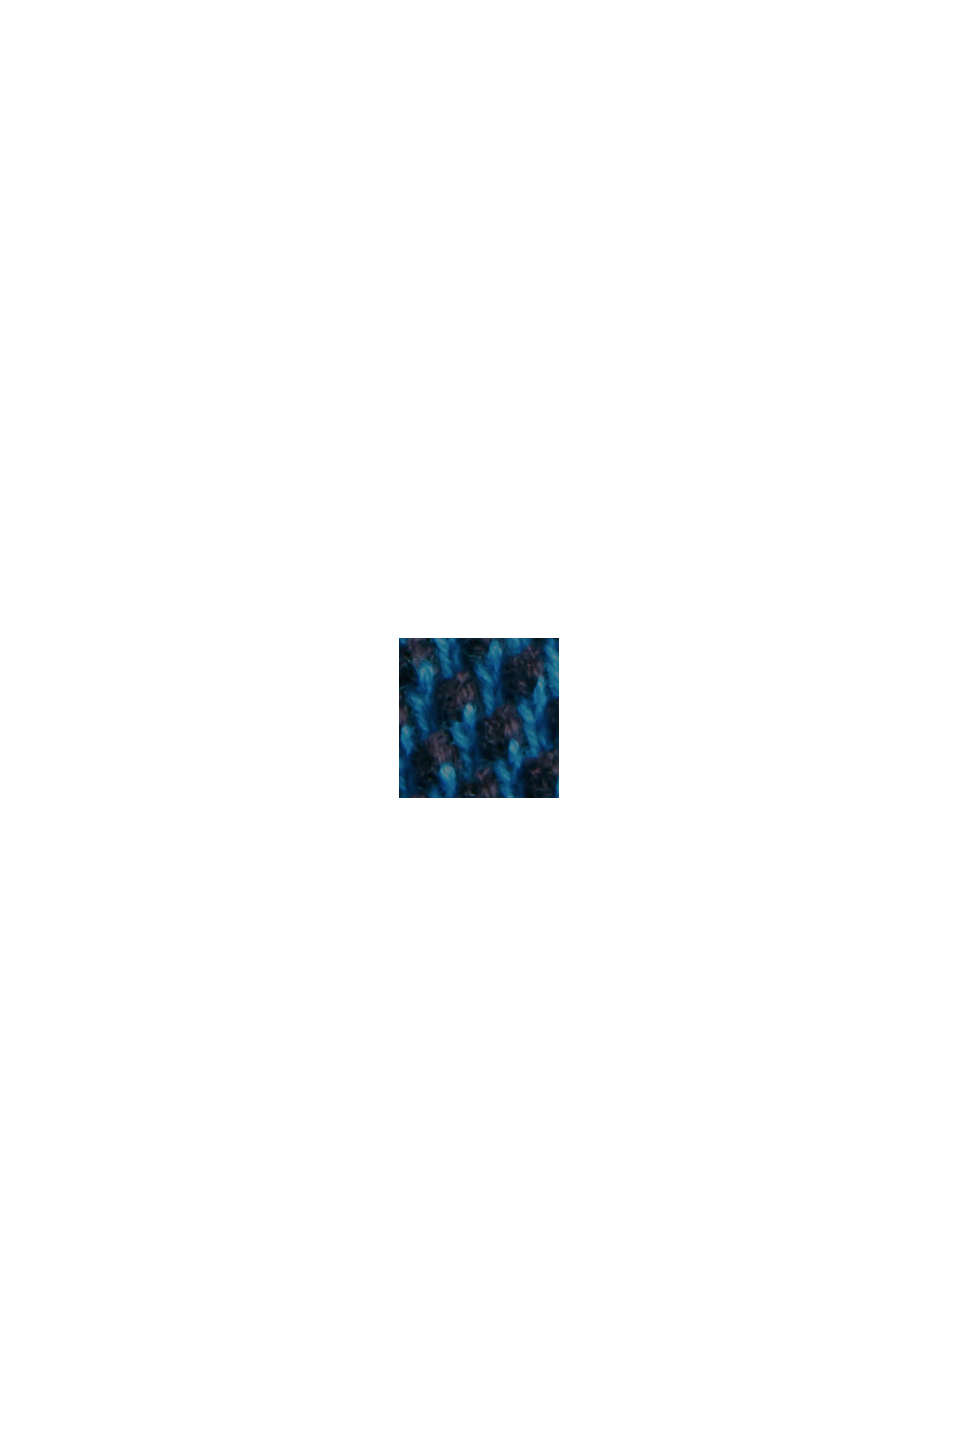 Pull-over texturé, 100% coton biologique, BLUE, swatch